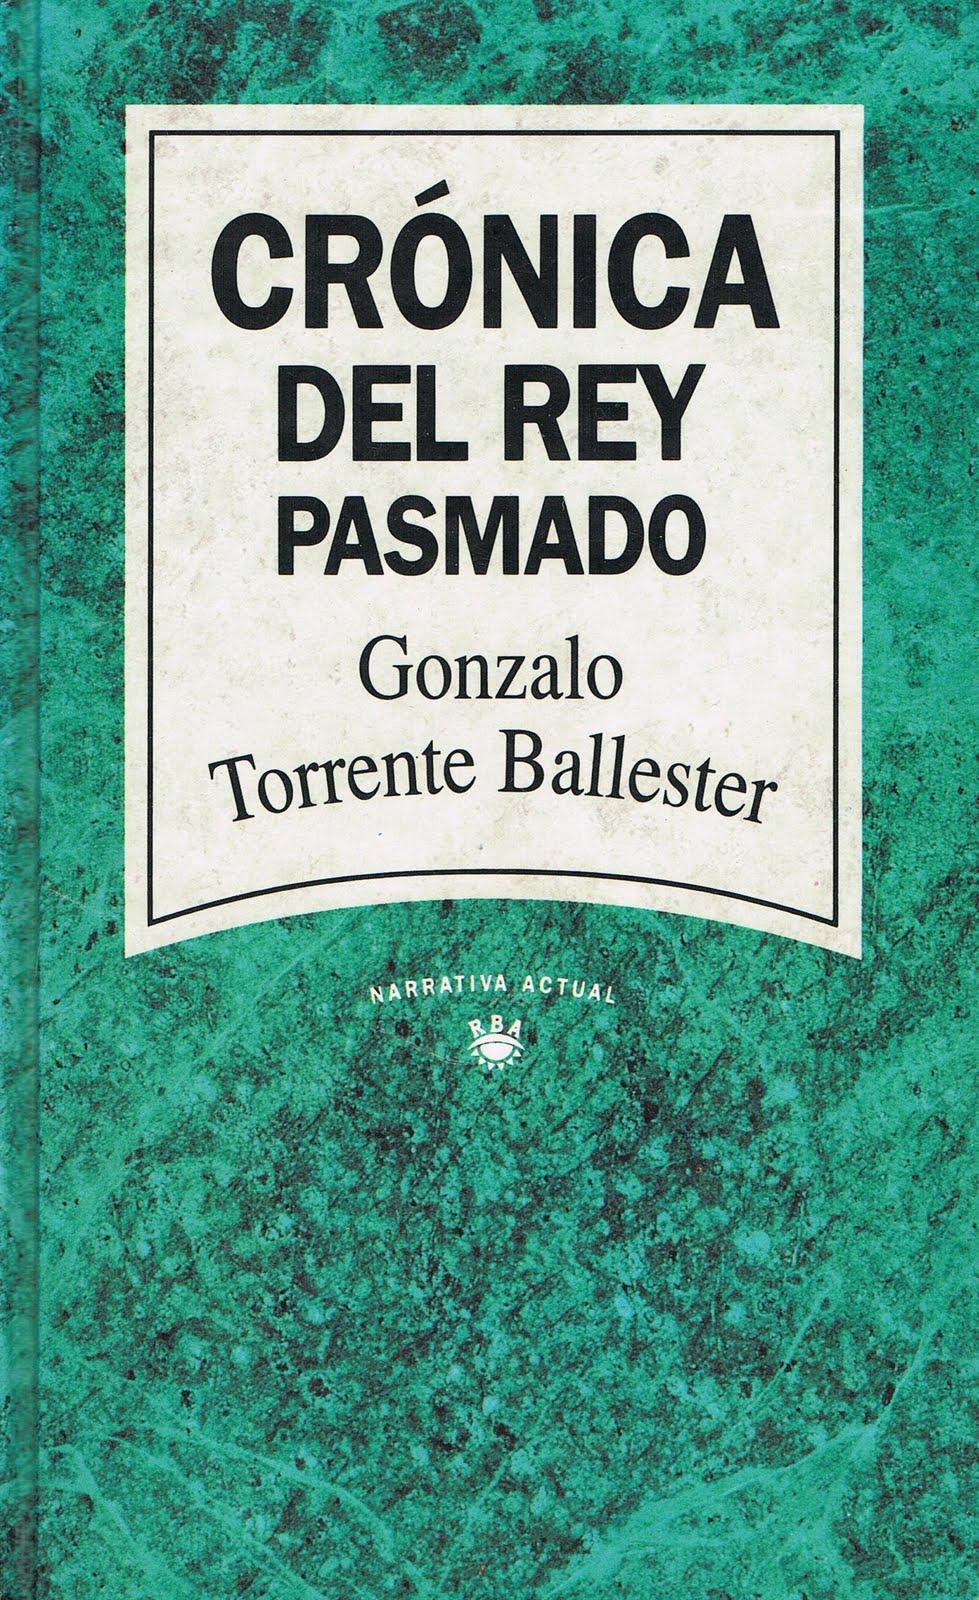 cronica del rey pasmado libro pdf